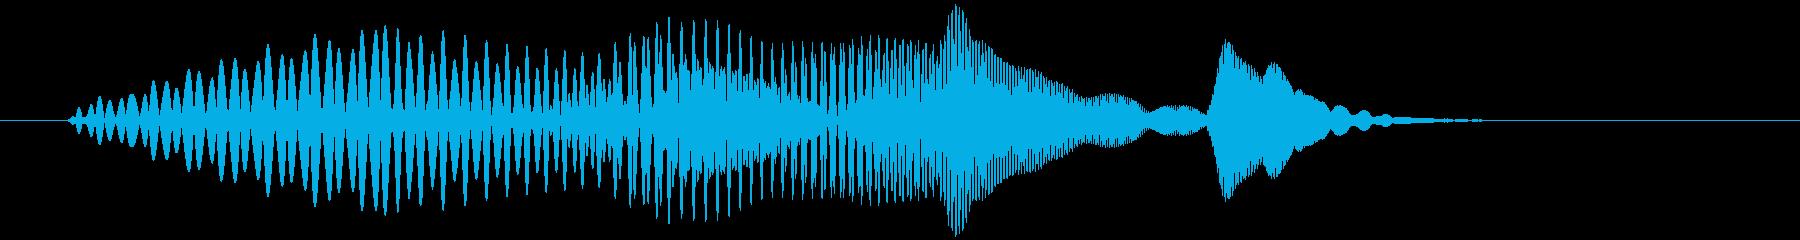 プニ(スライム系の攻撃・ジャンプなど)の再生済みの波形